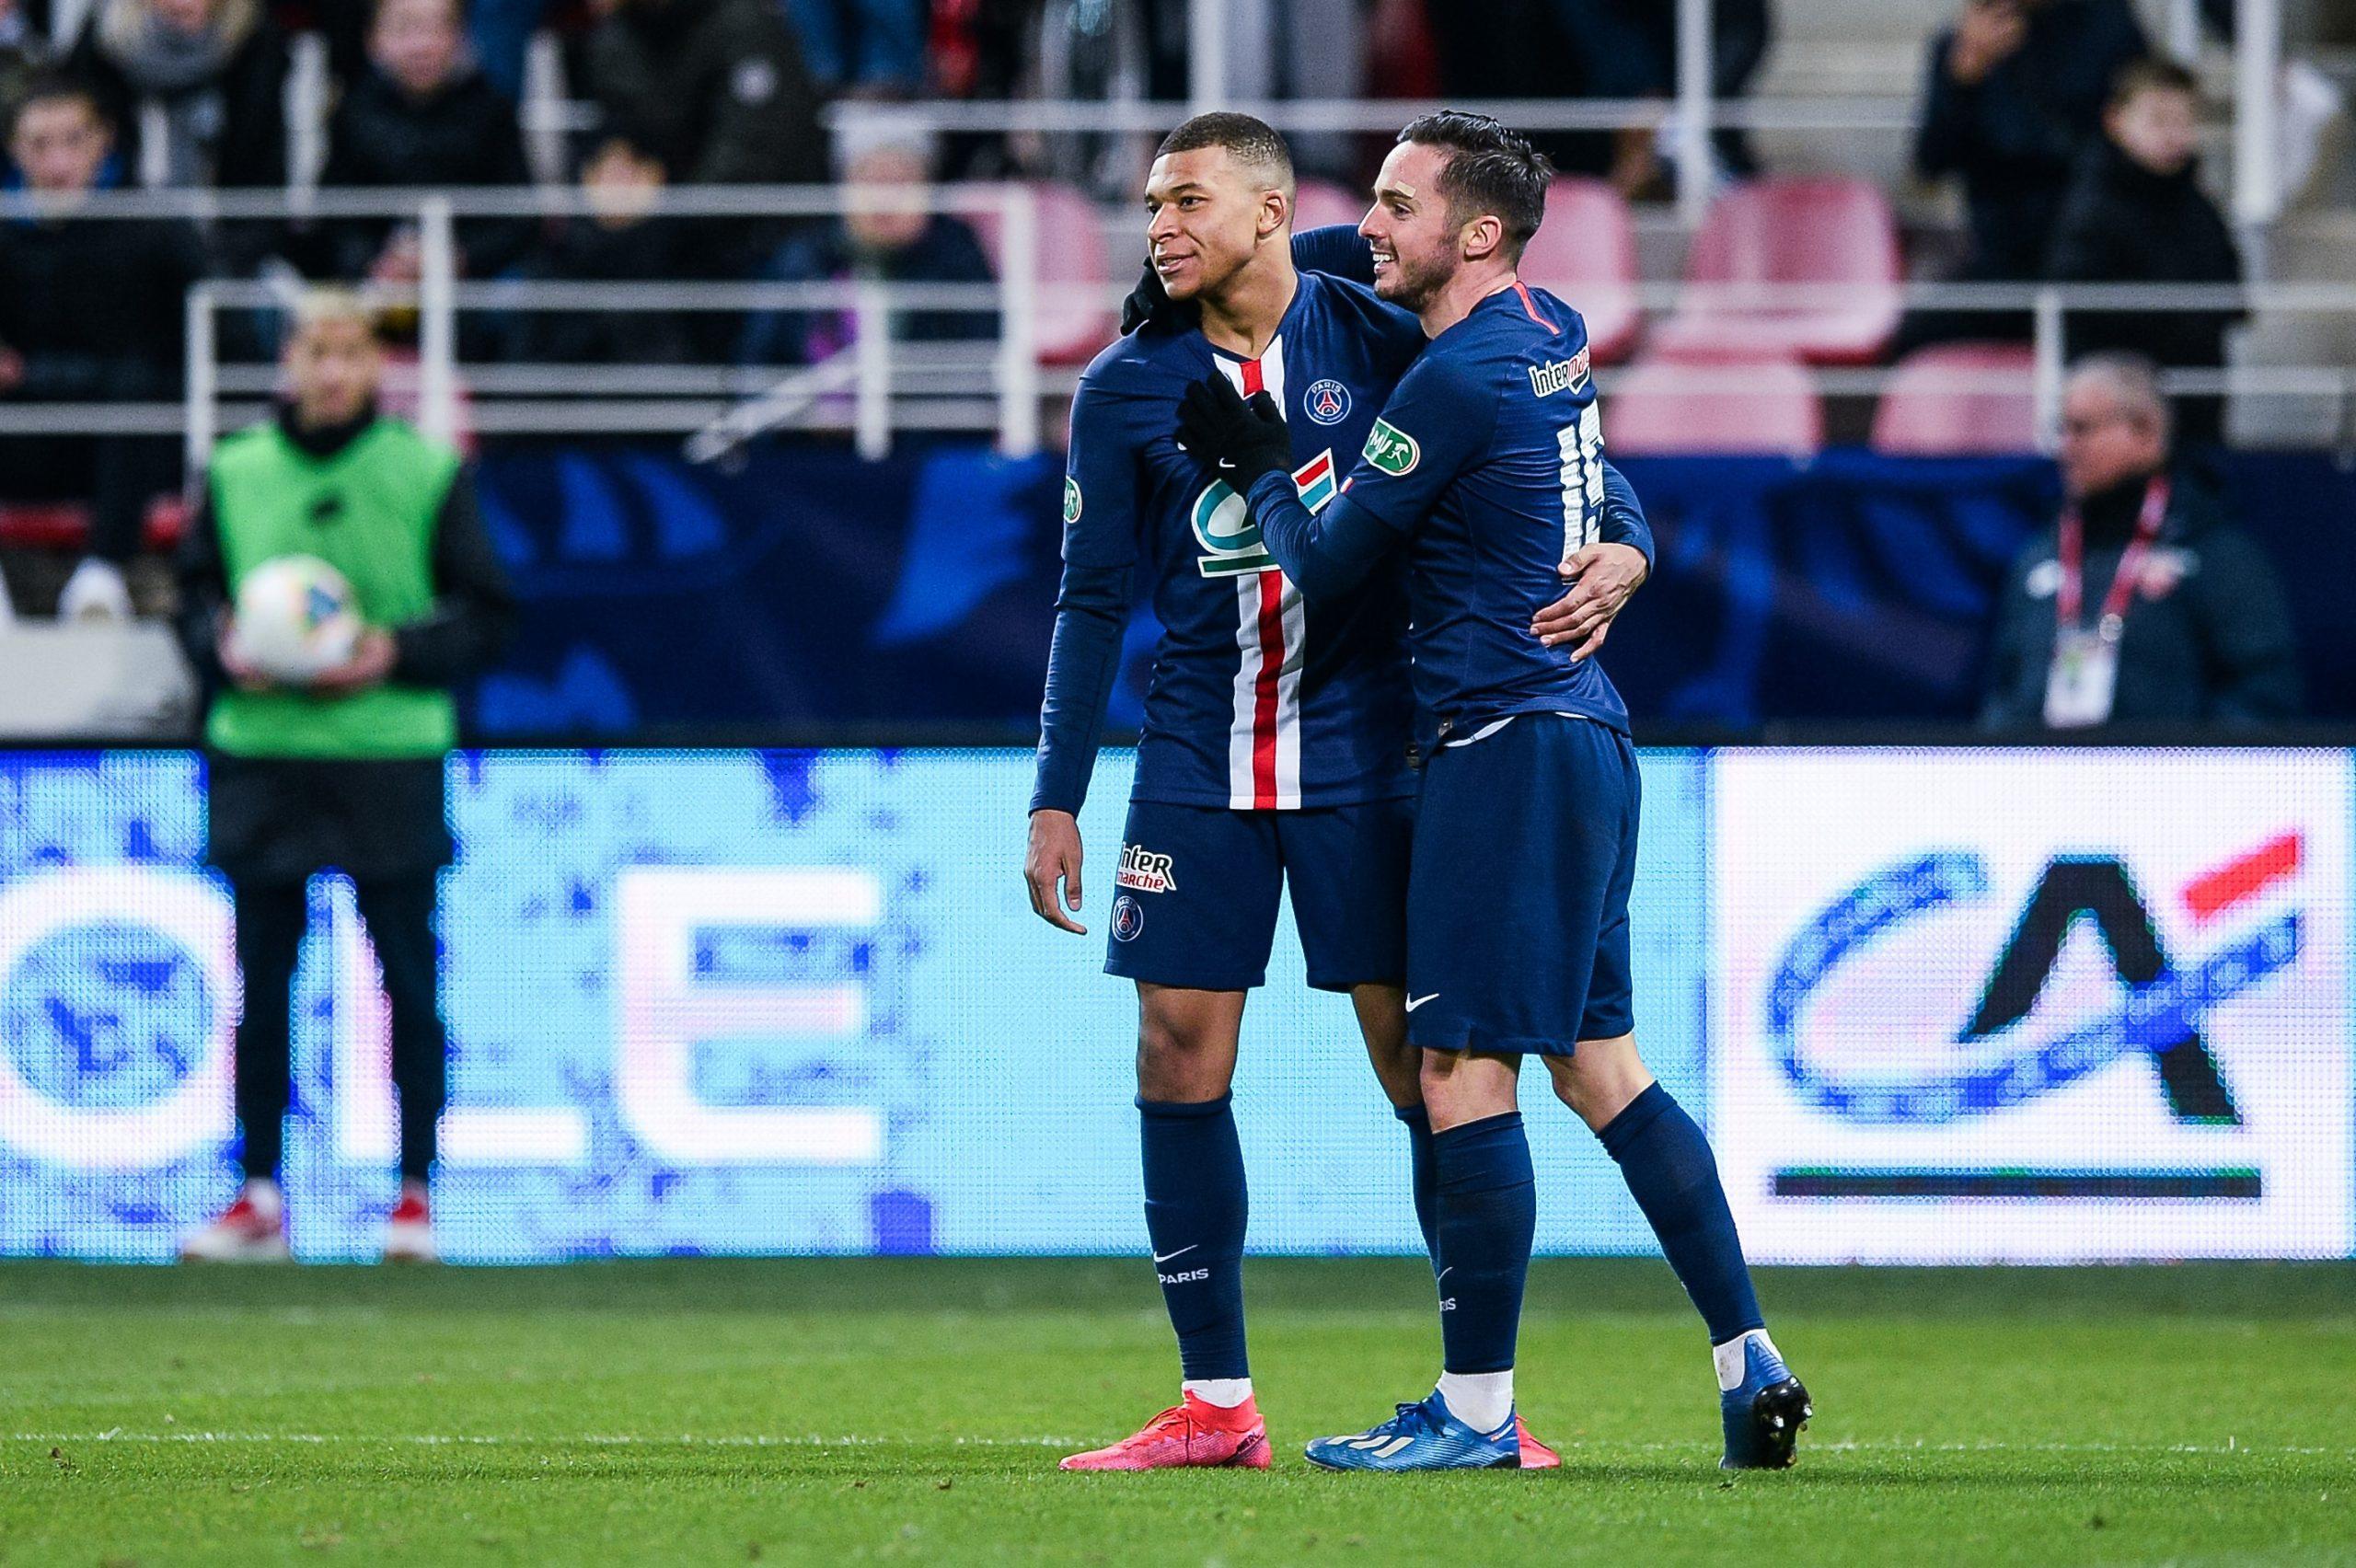 Sondage - Quel est le plus beau but du PSG cette saison ? Partie 7 : Sarabia ou Mbappé ?